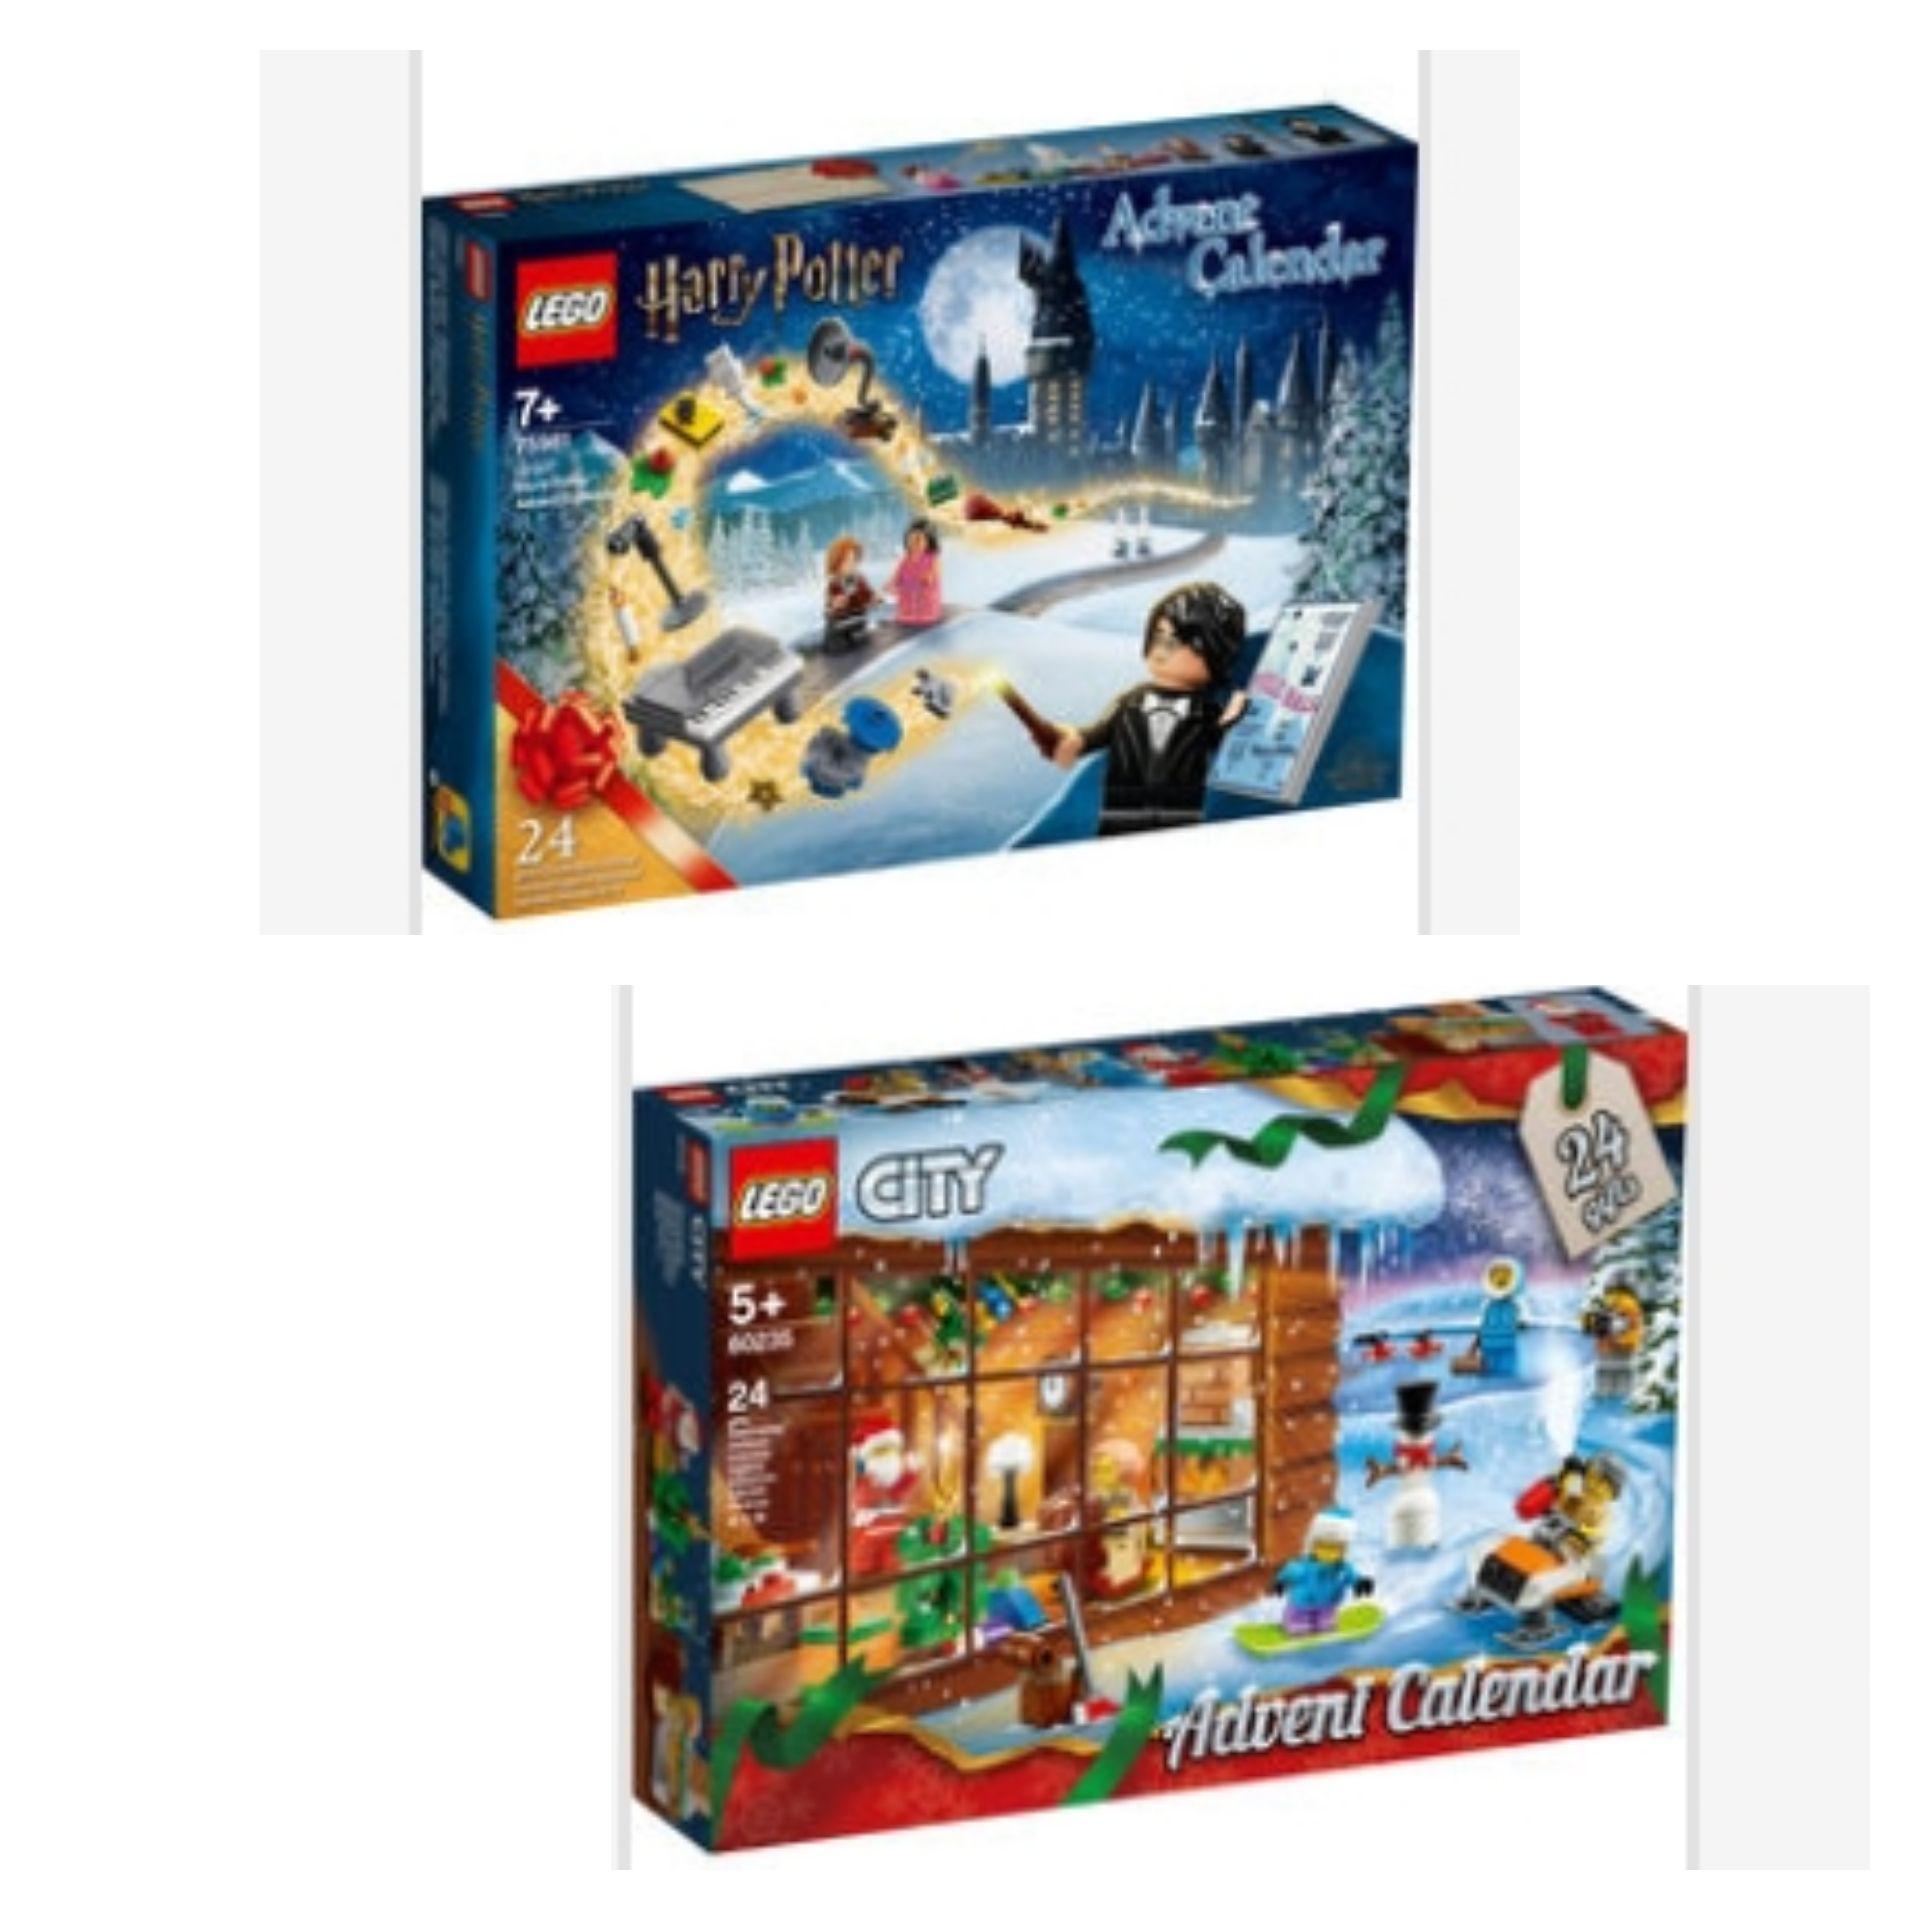 Galeria App Lego Adventskalender 75981 und 60235 = 27,98€